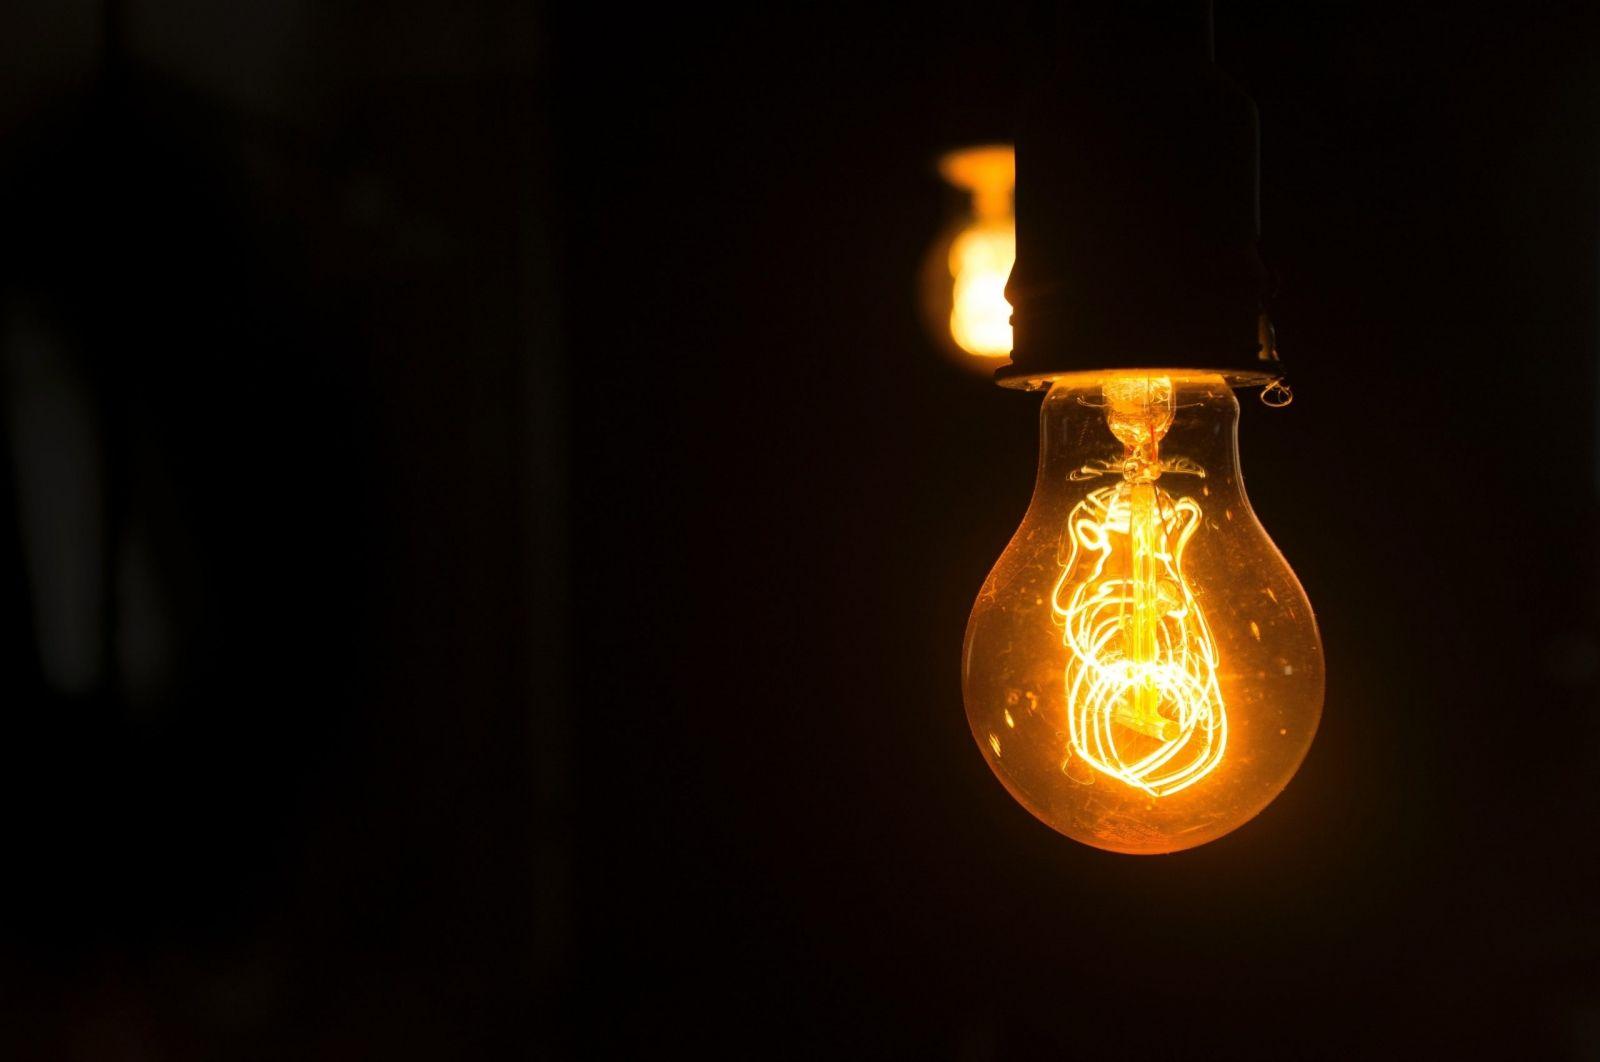 В Якутске на три часа отключат электроэнергию в нескольких кварталах